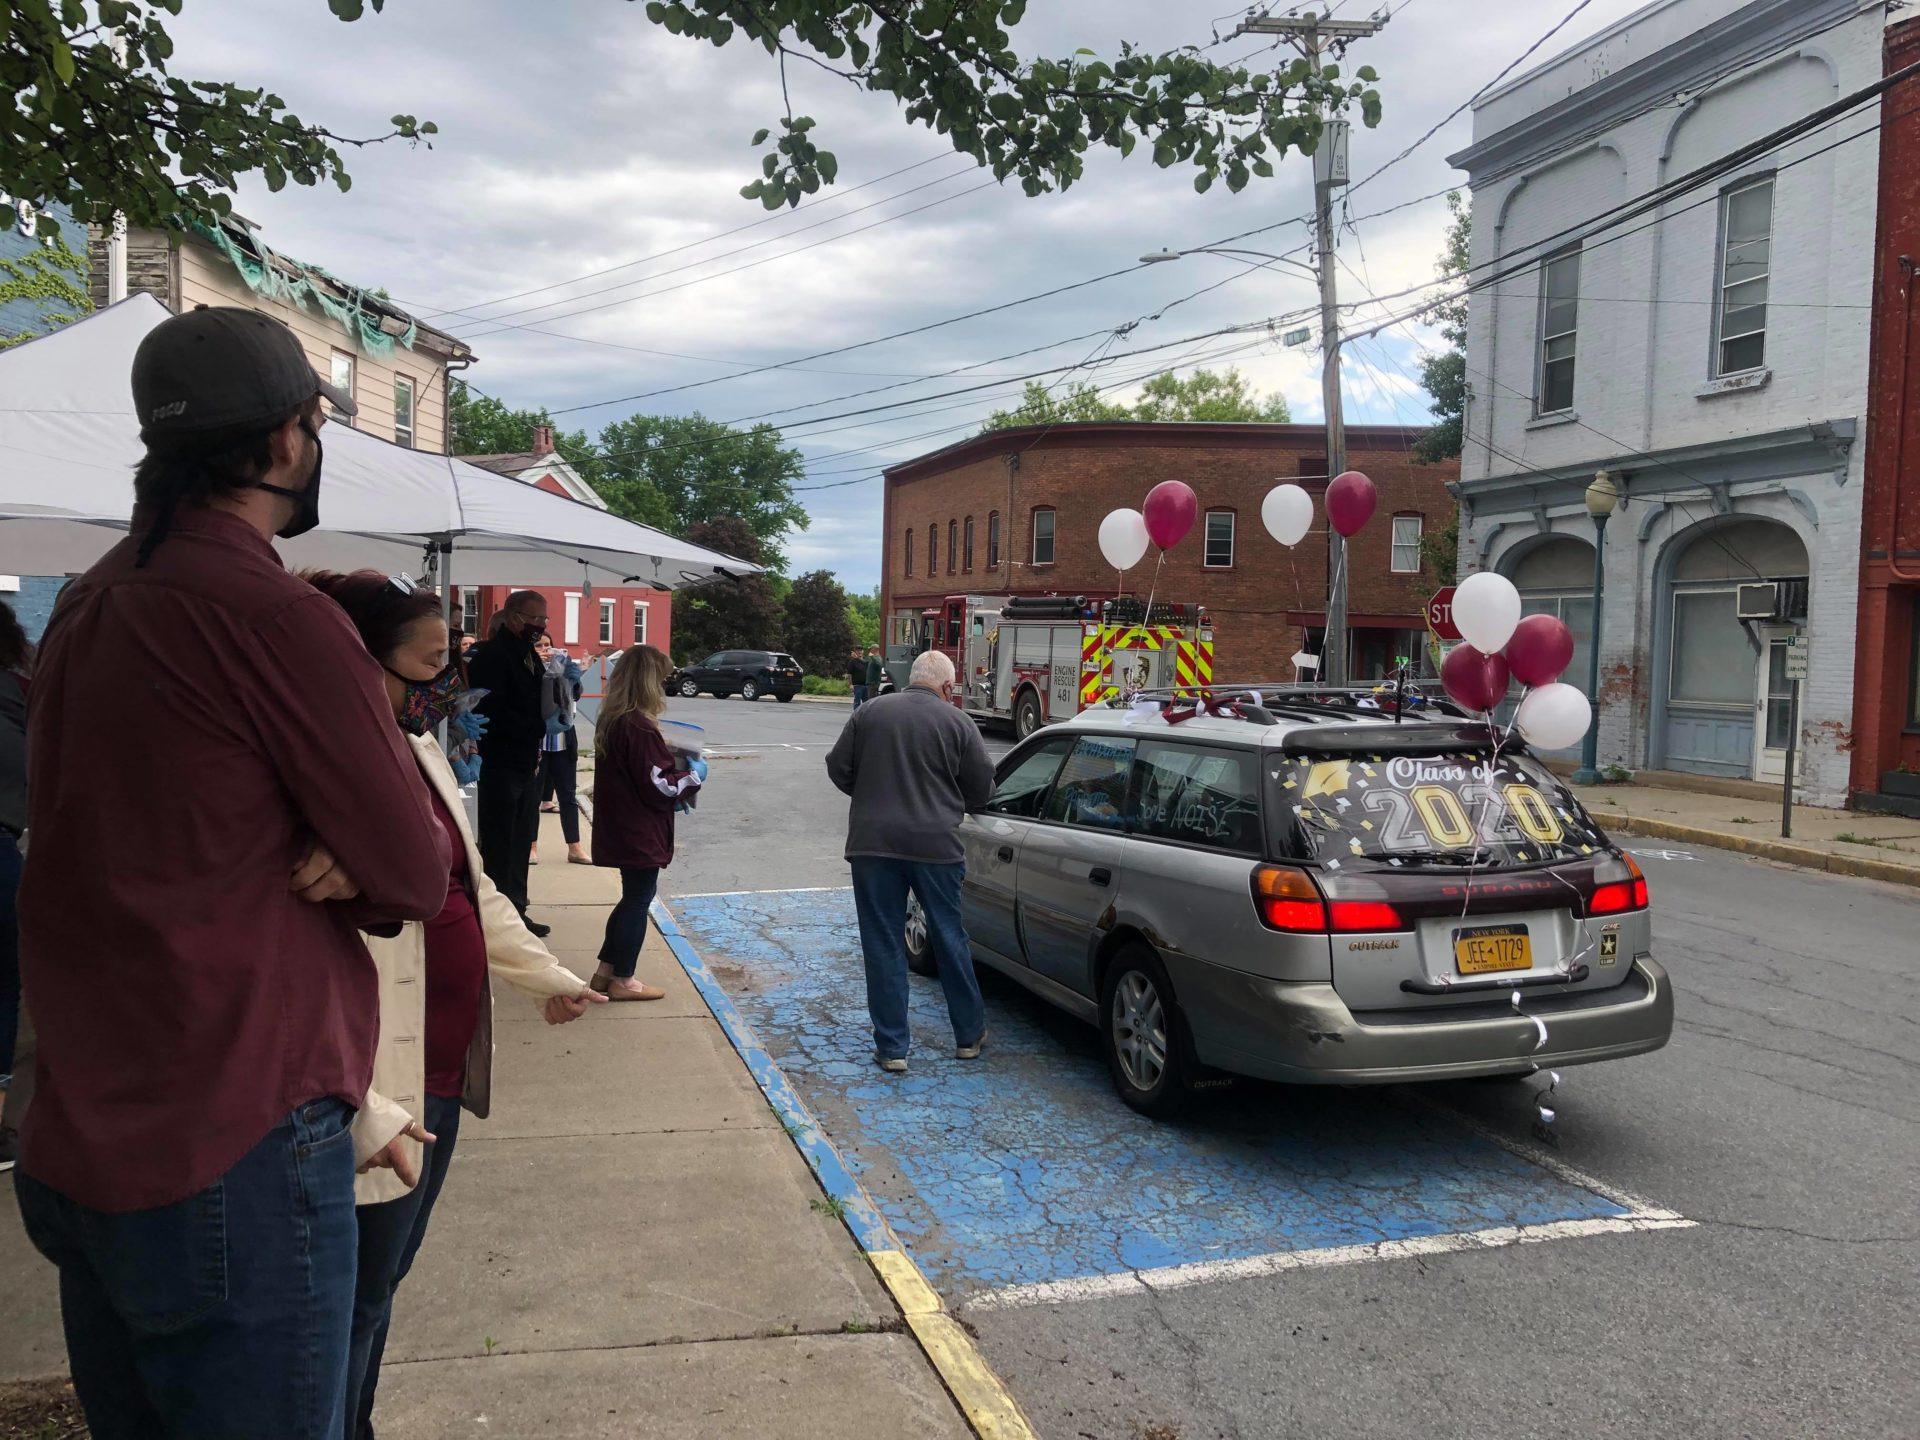 Seniors parade in Elks event